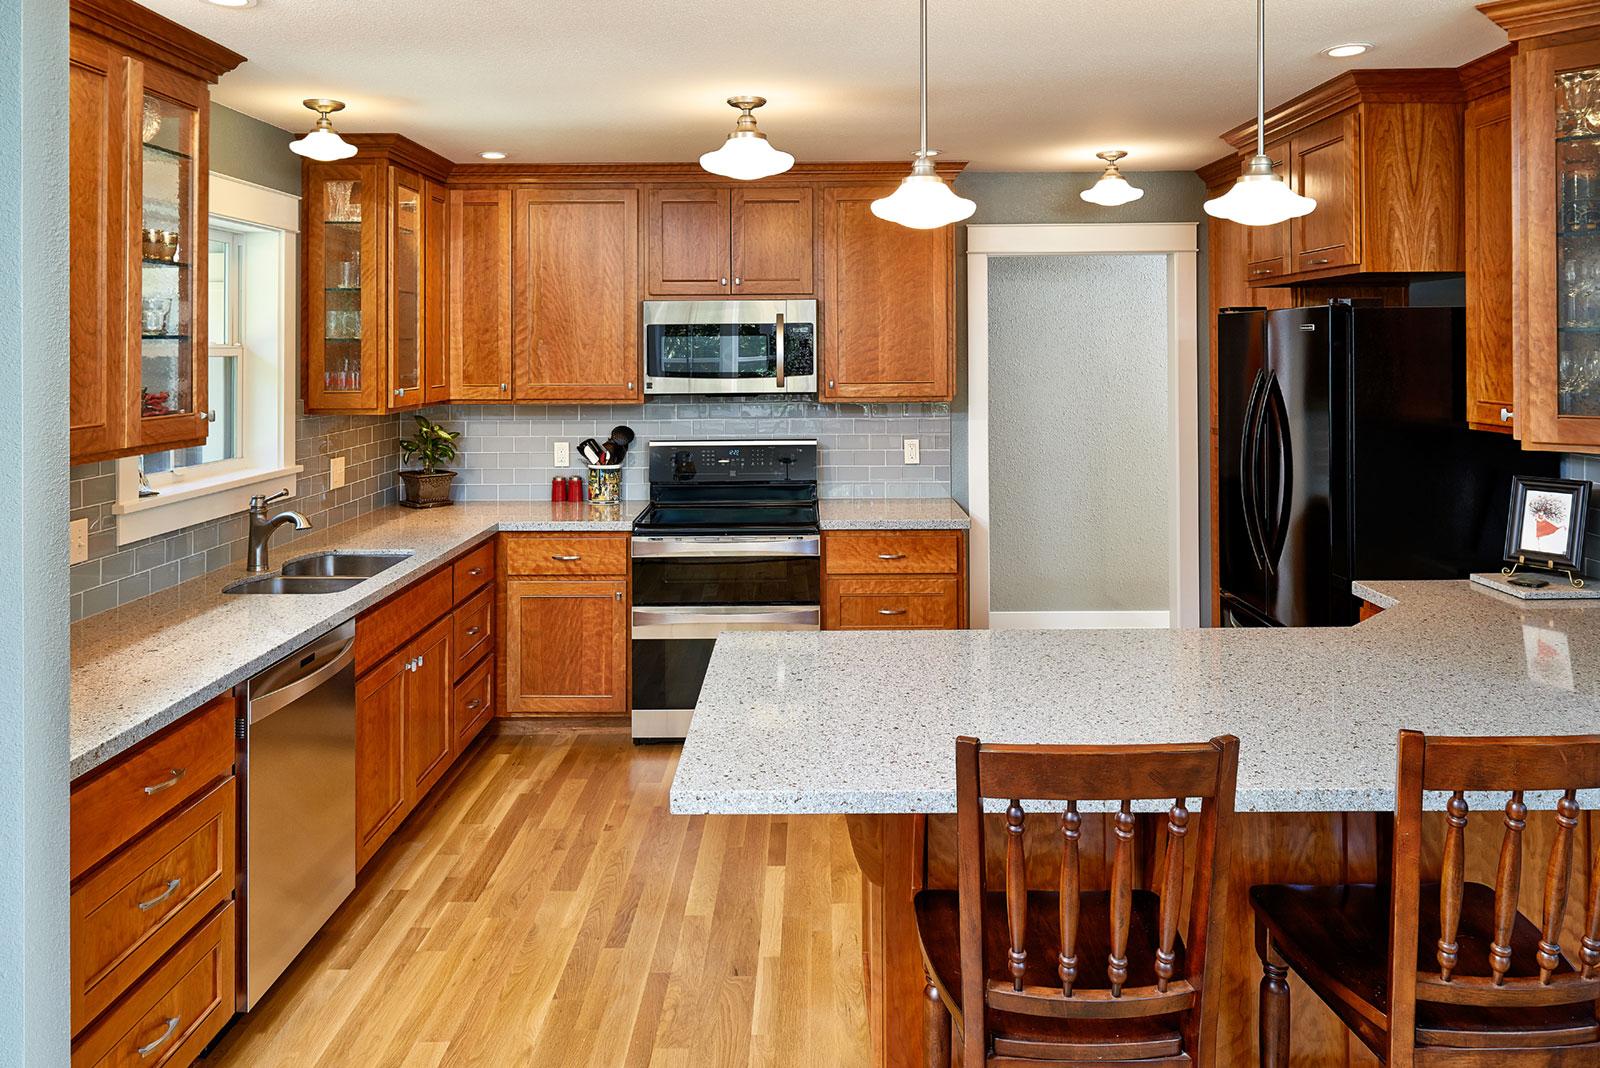 custom home design corvallis - Henderer Design + Build, Corvallis OR